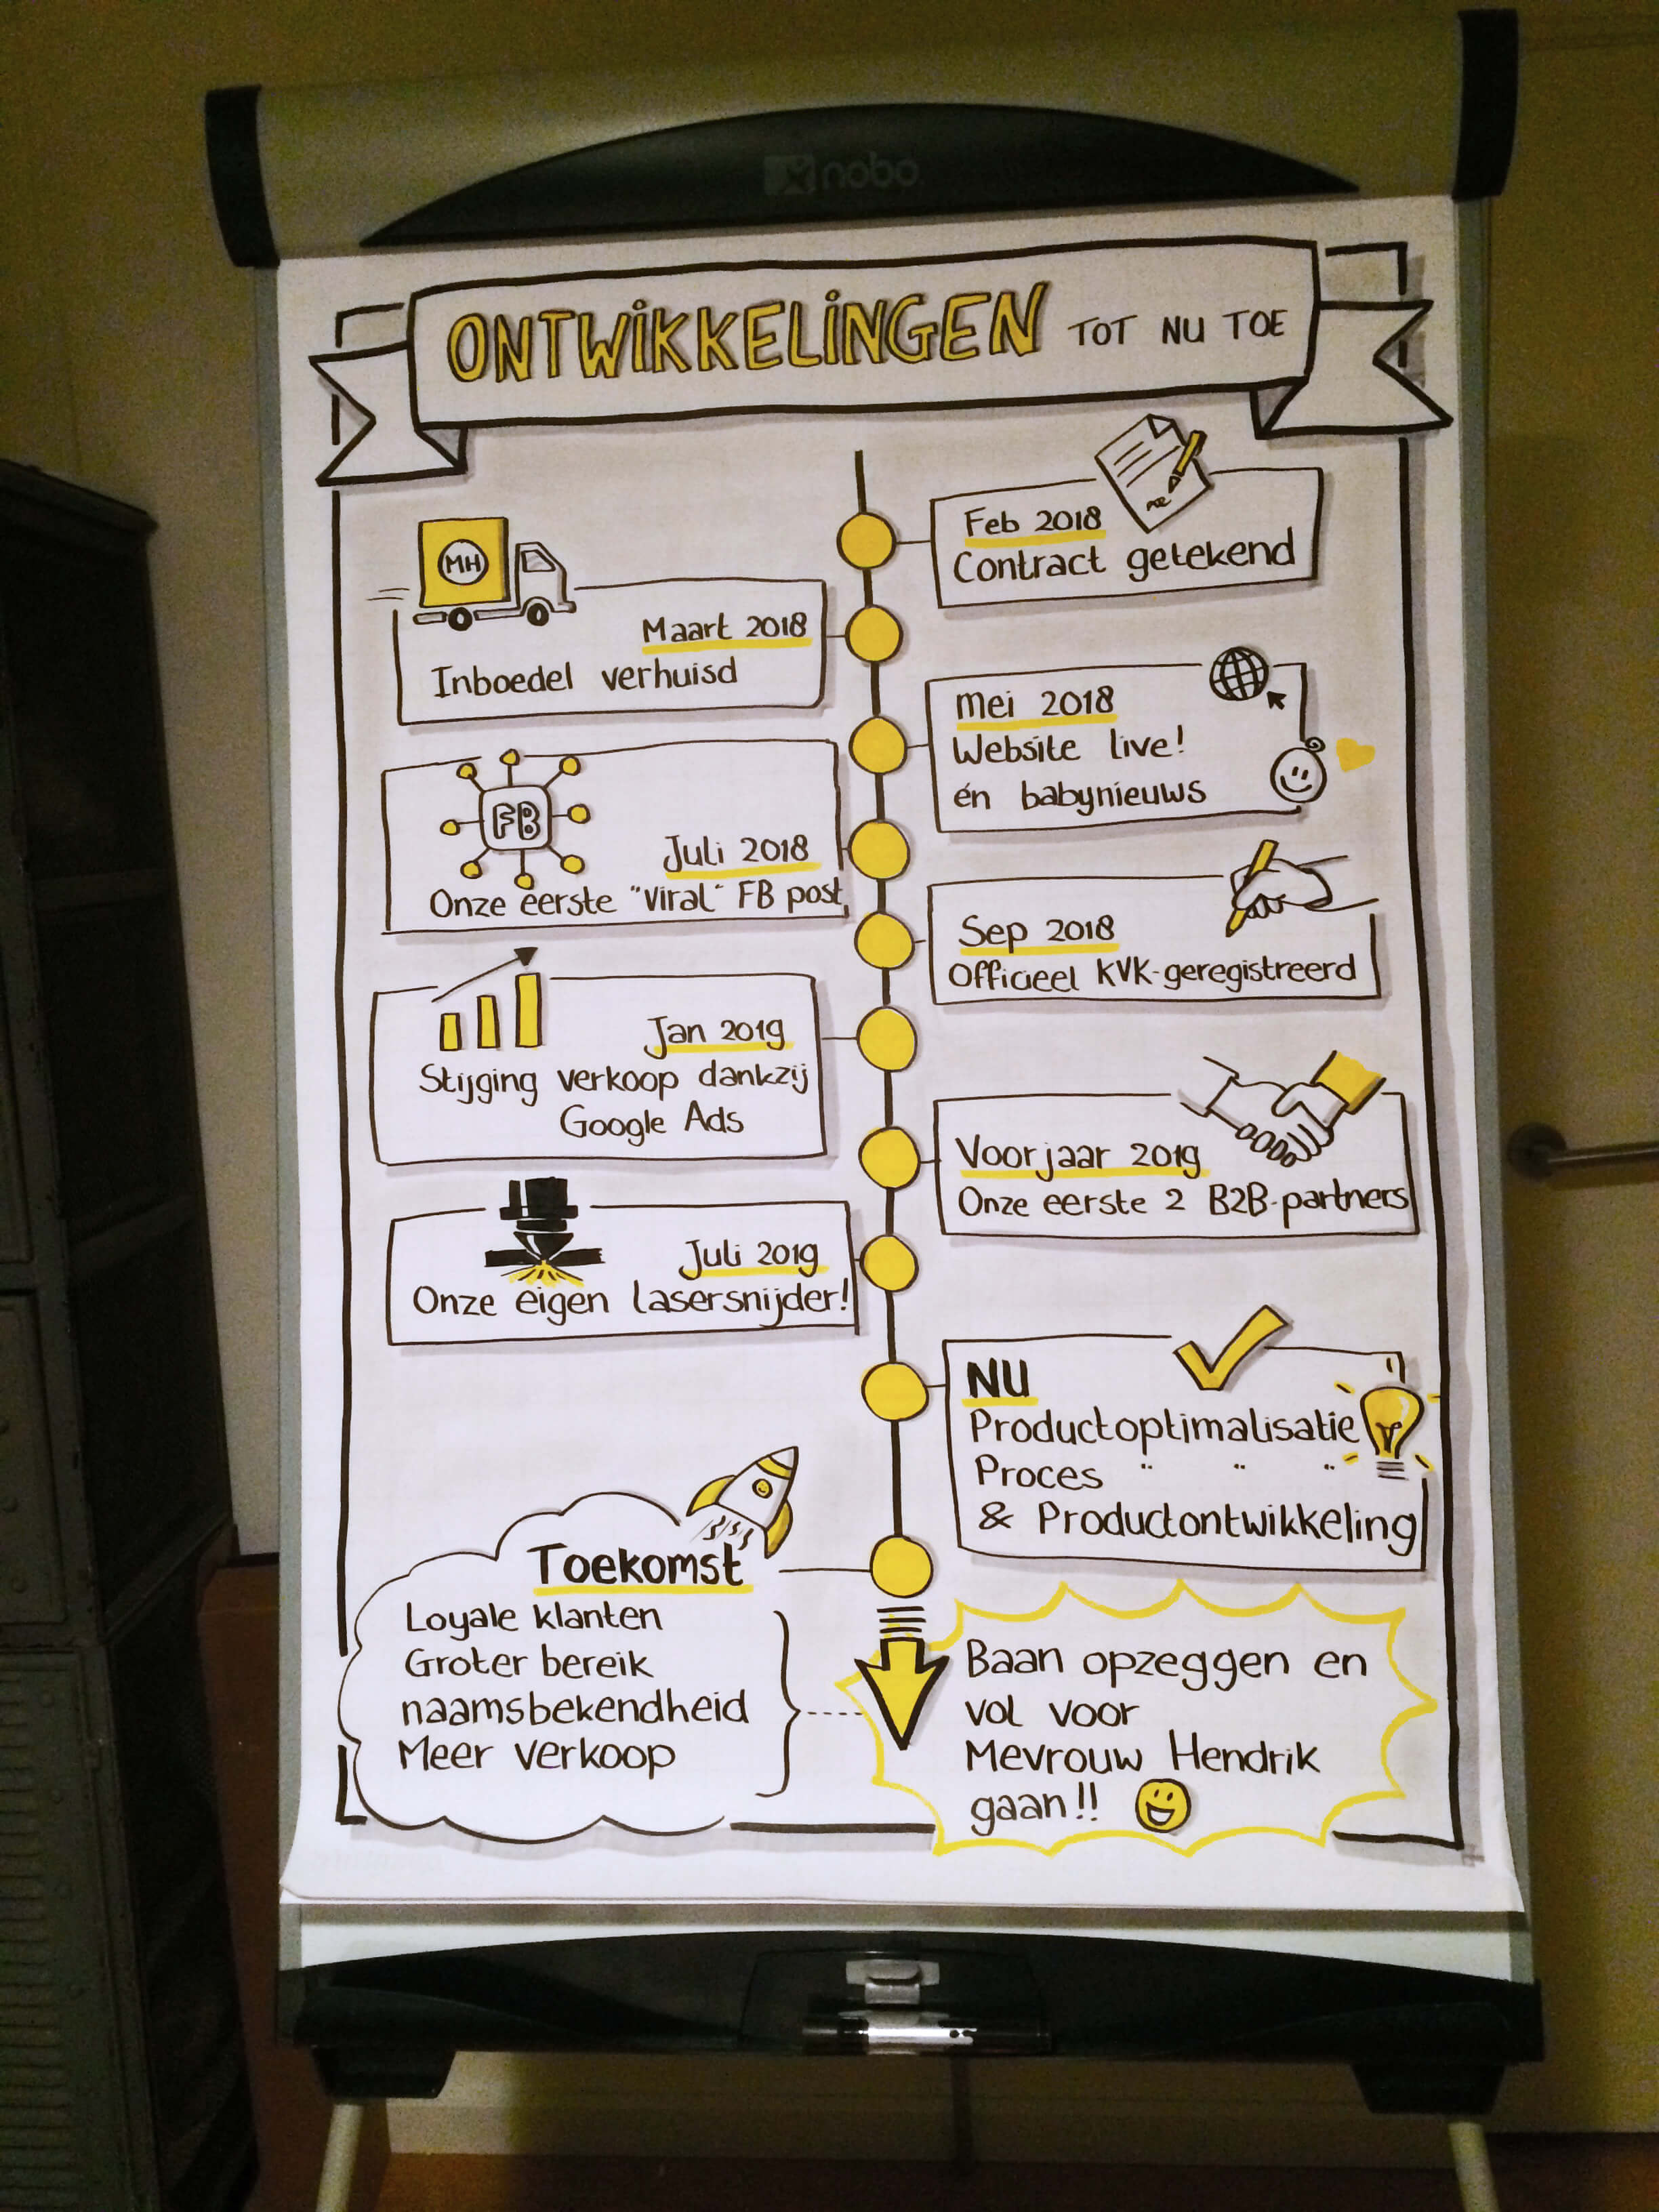 De ontwikkelingen van Mevrouw Hendrik tot nu toe 2018 - 2019 getekend op flipover papier